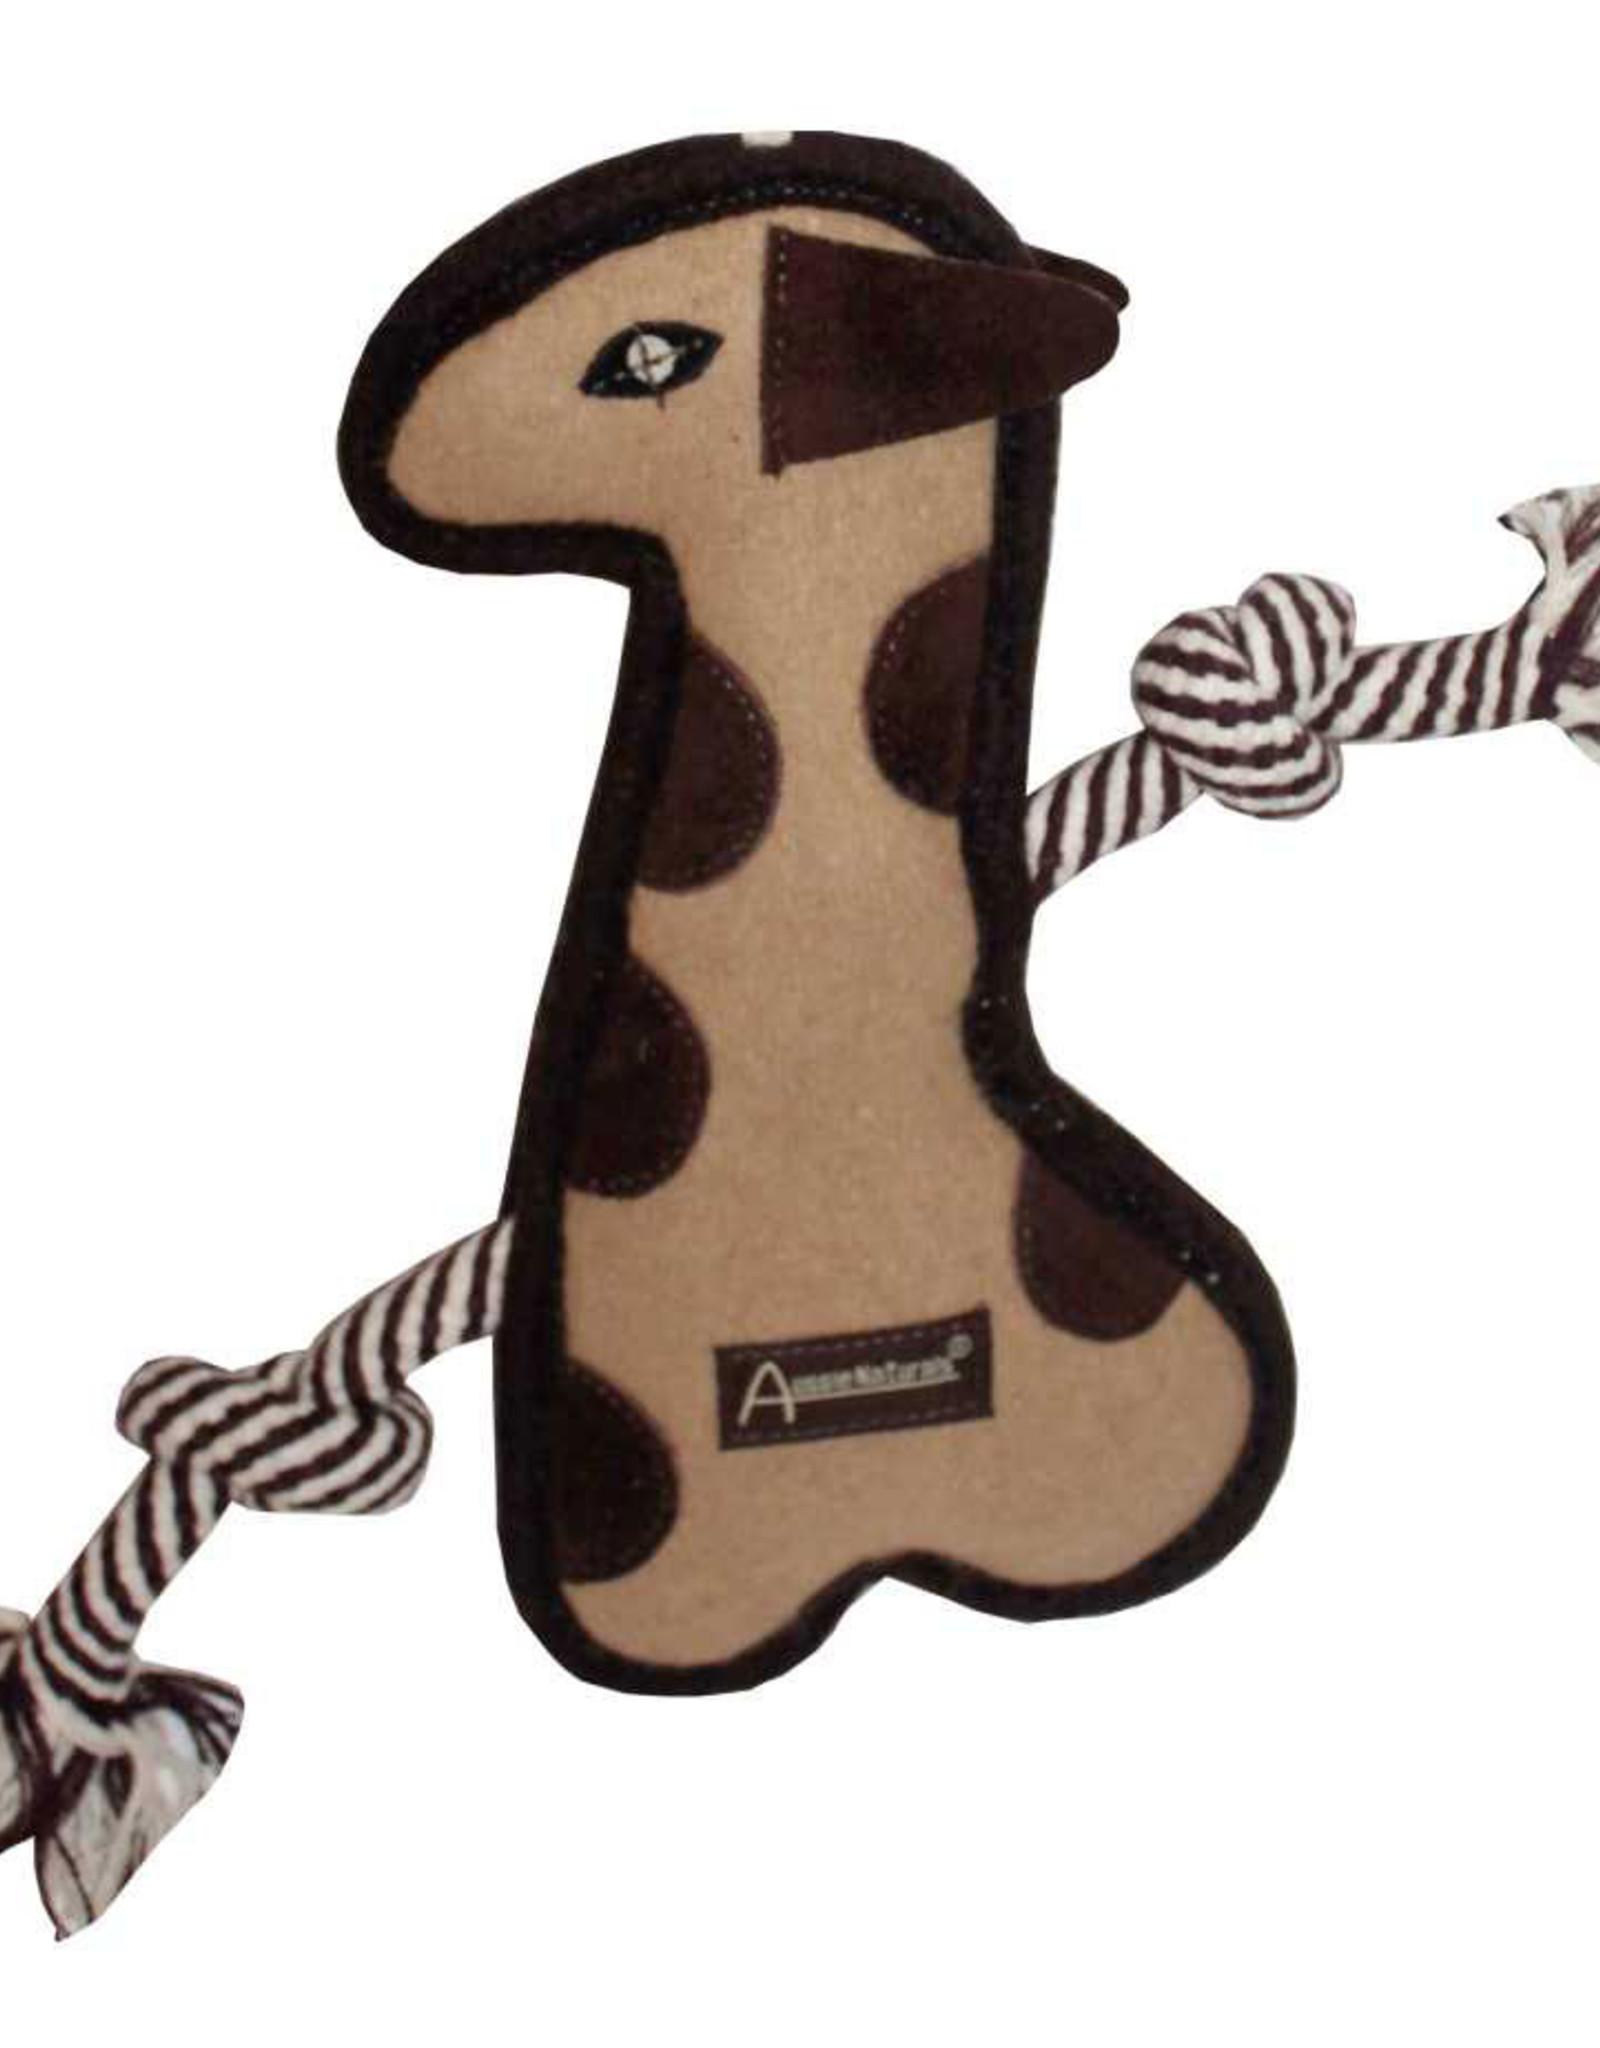 Aussie Naturals Tuff Mutts Giraffe Dog Toy